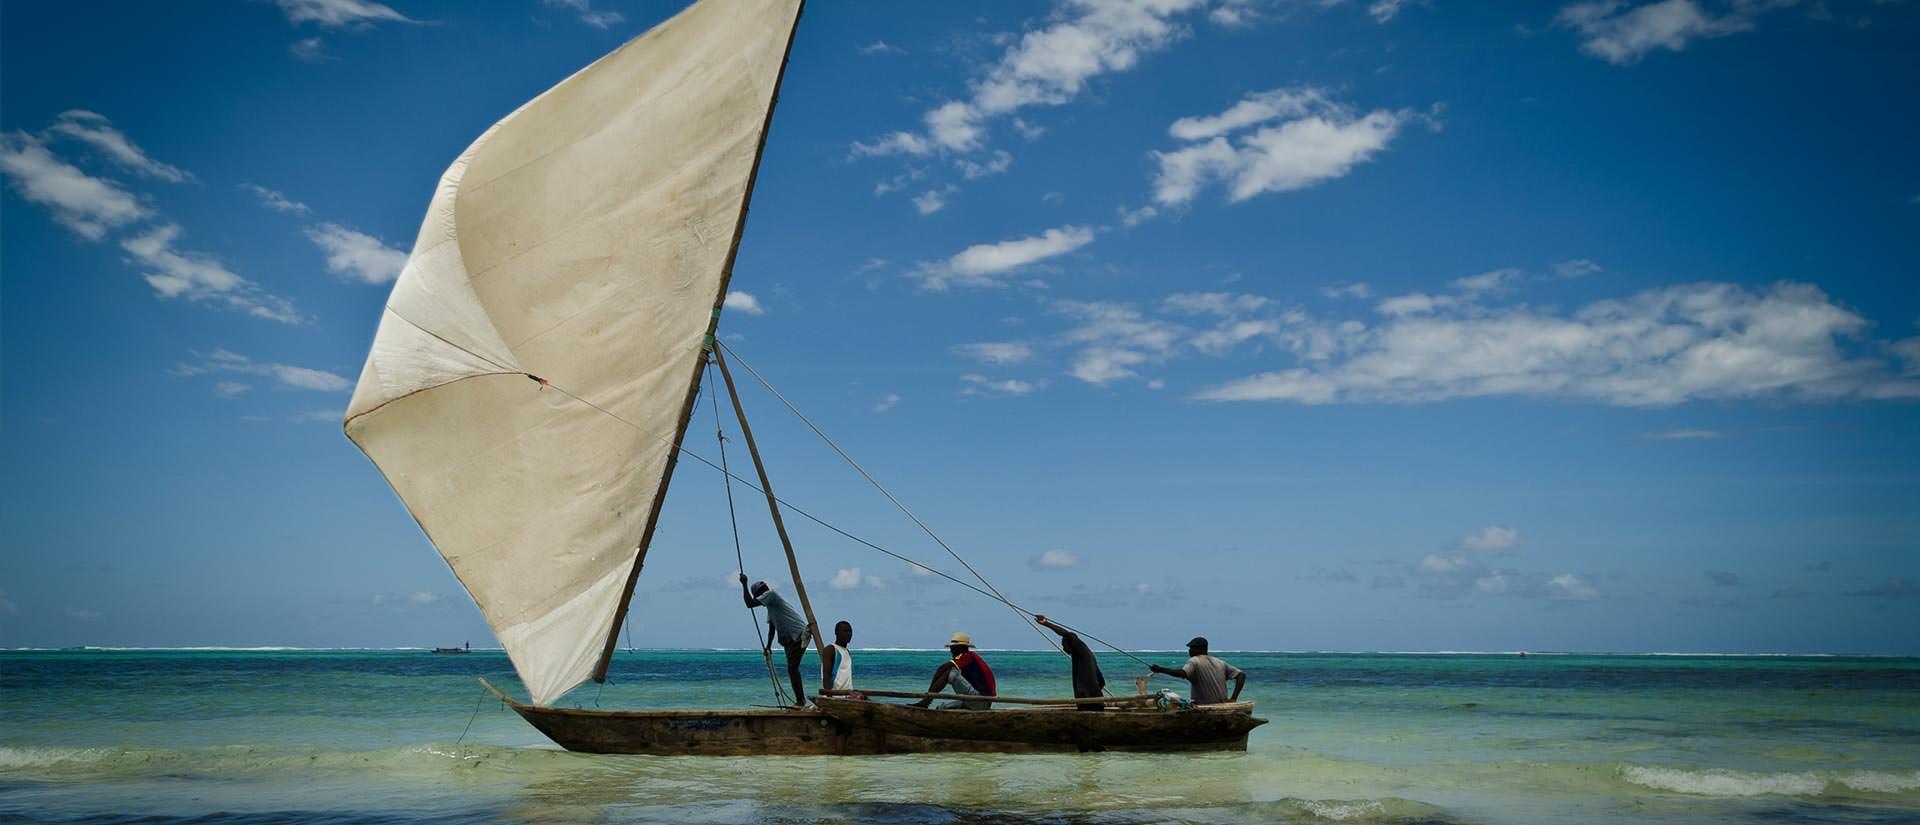 ספארי צלילה קסום באי זנזיבר